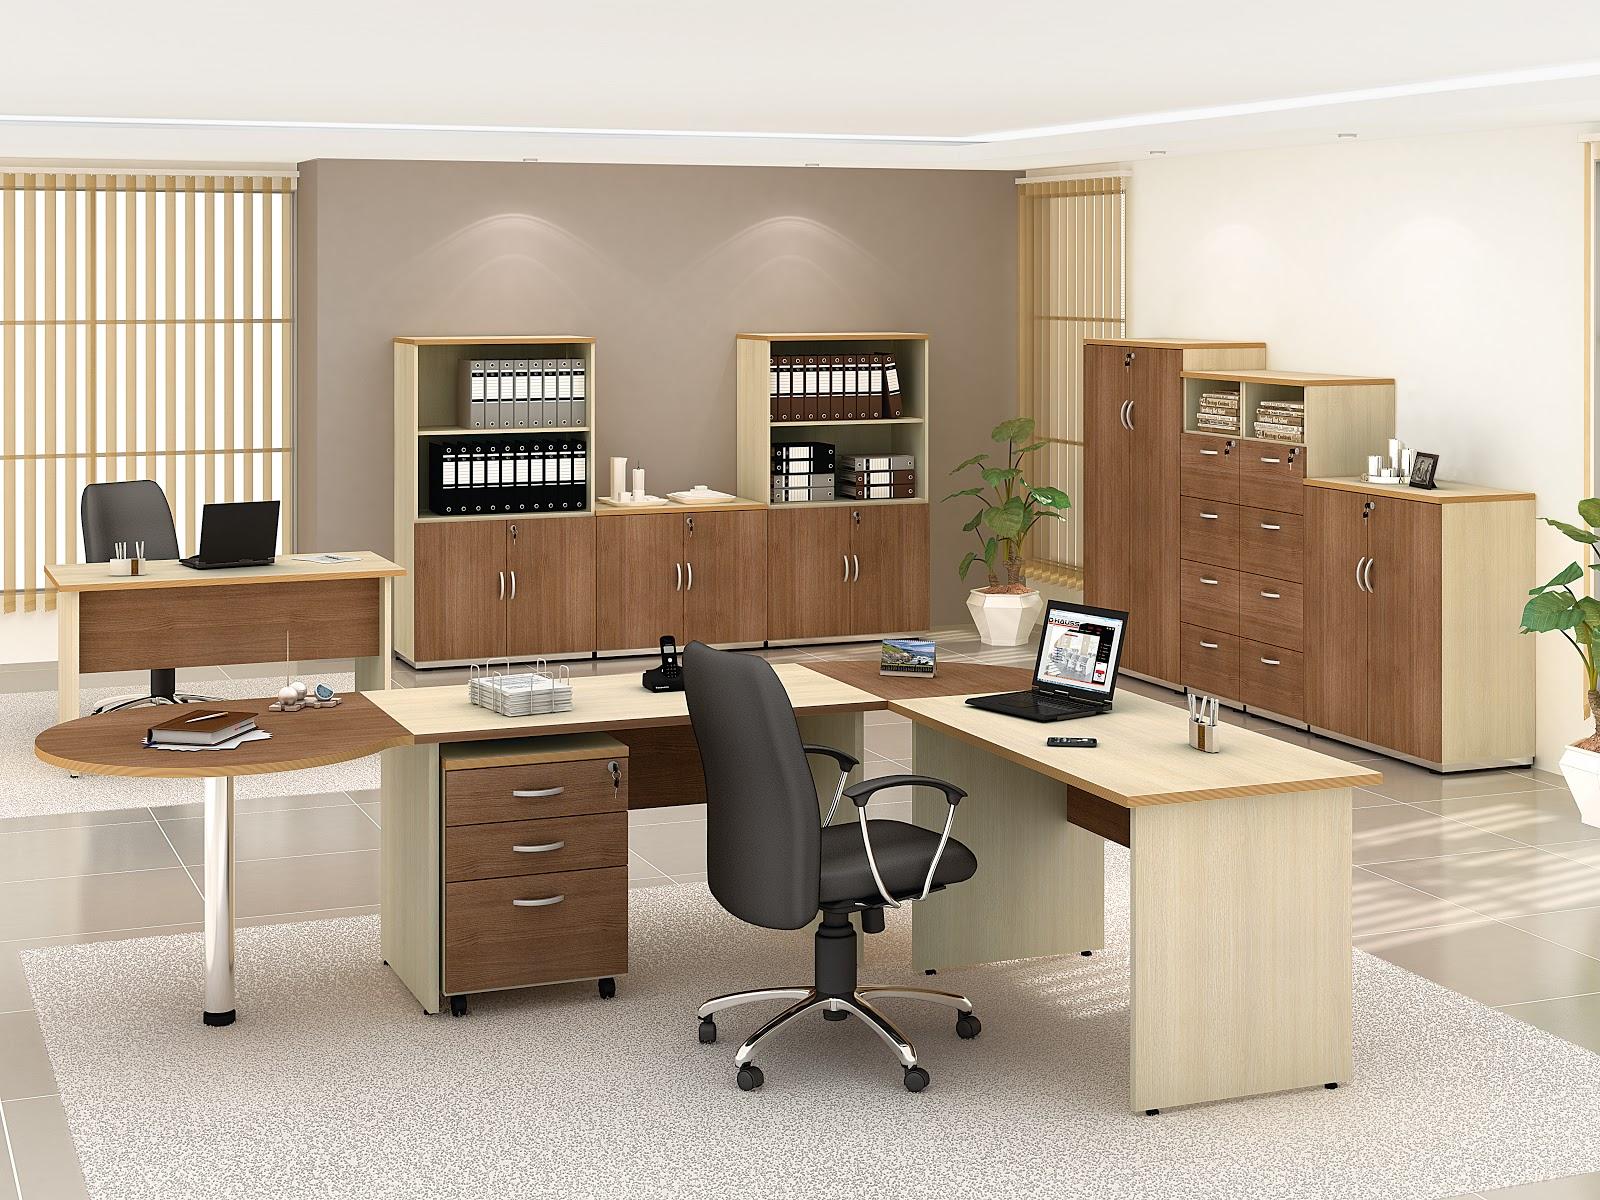 Dhauss: A importância de bons móveis para escritório #8F693C 1600x1200